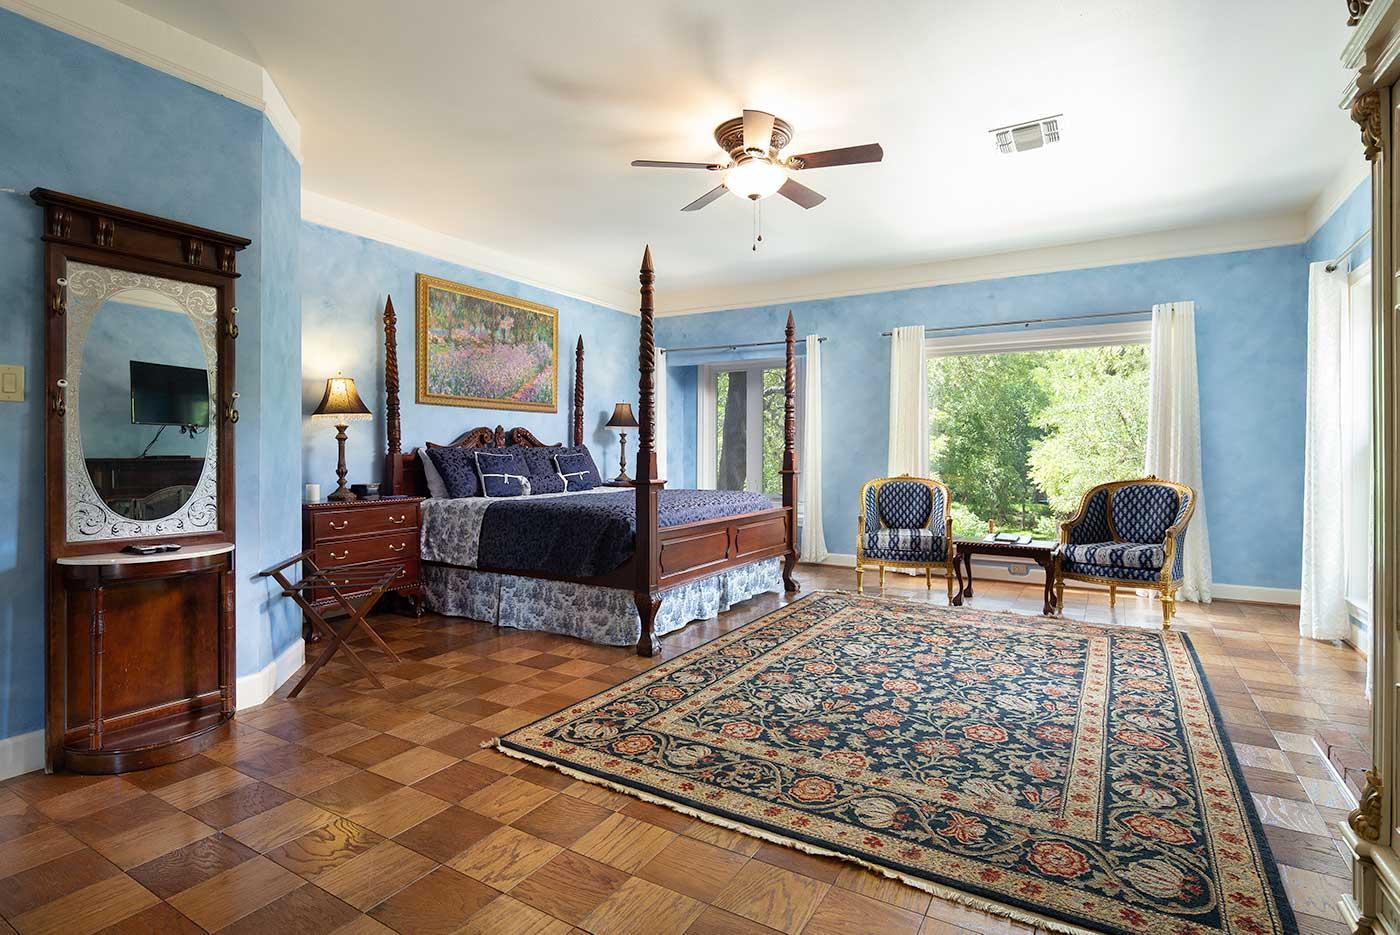 bluebonnet bed windows